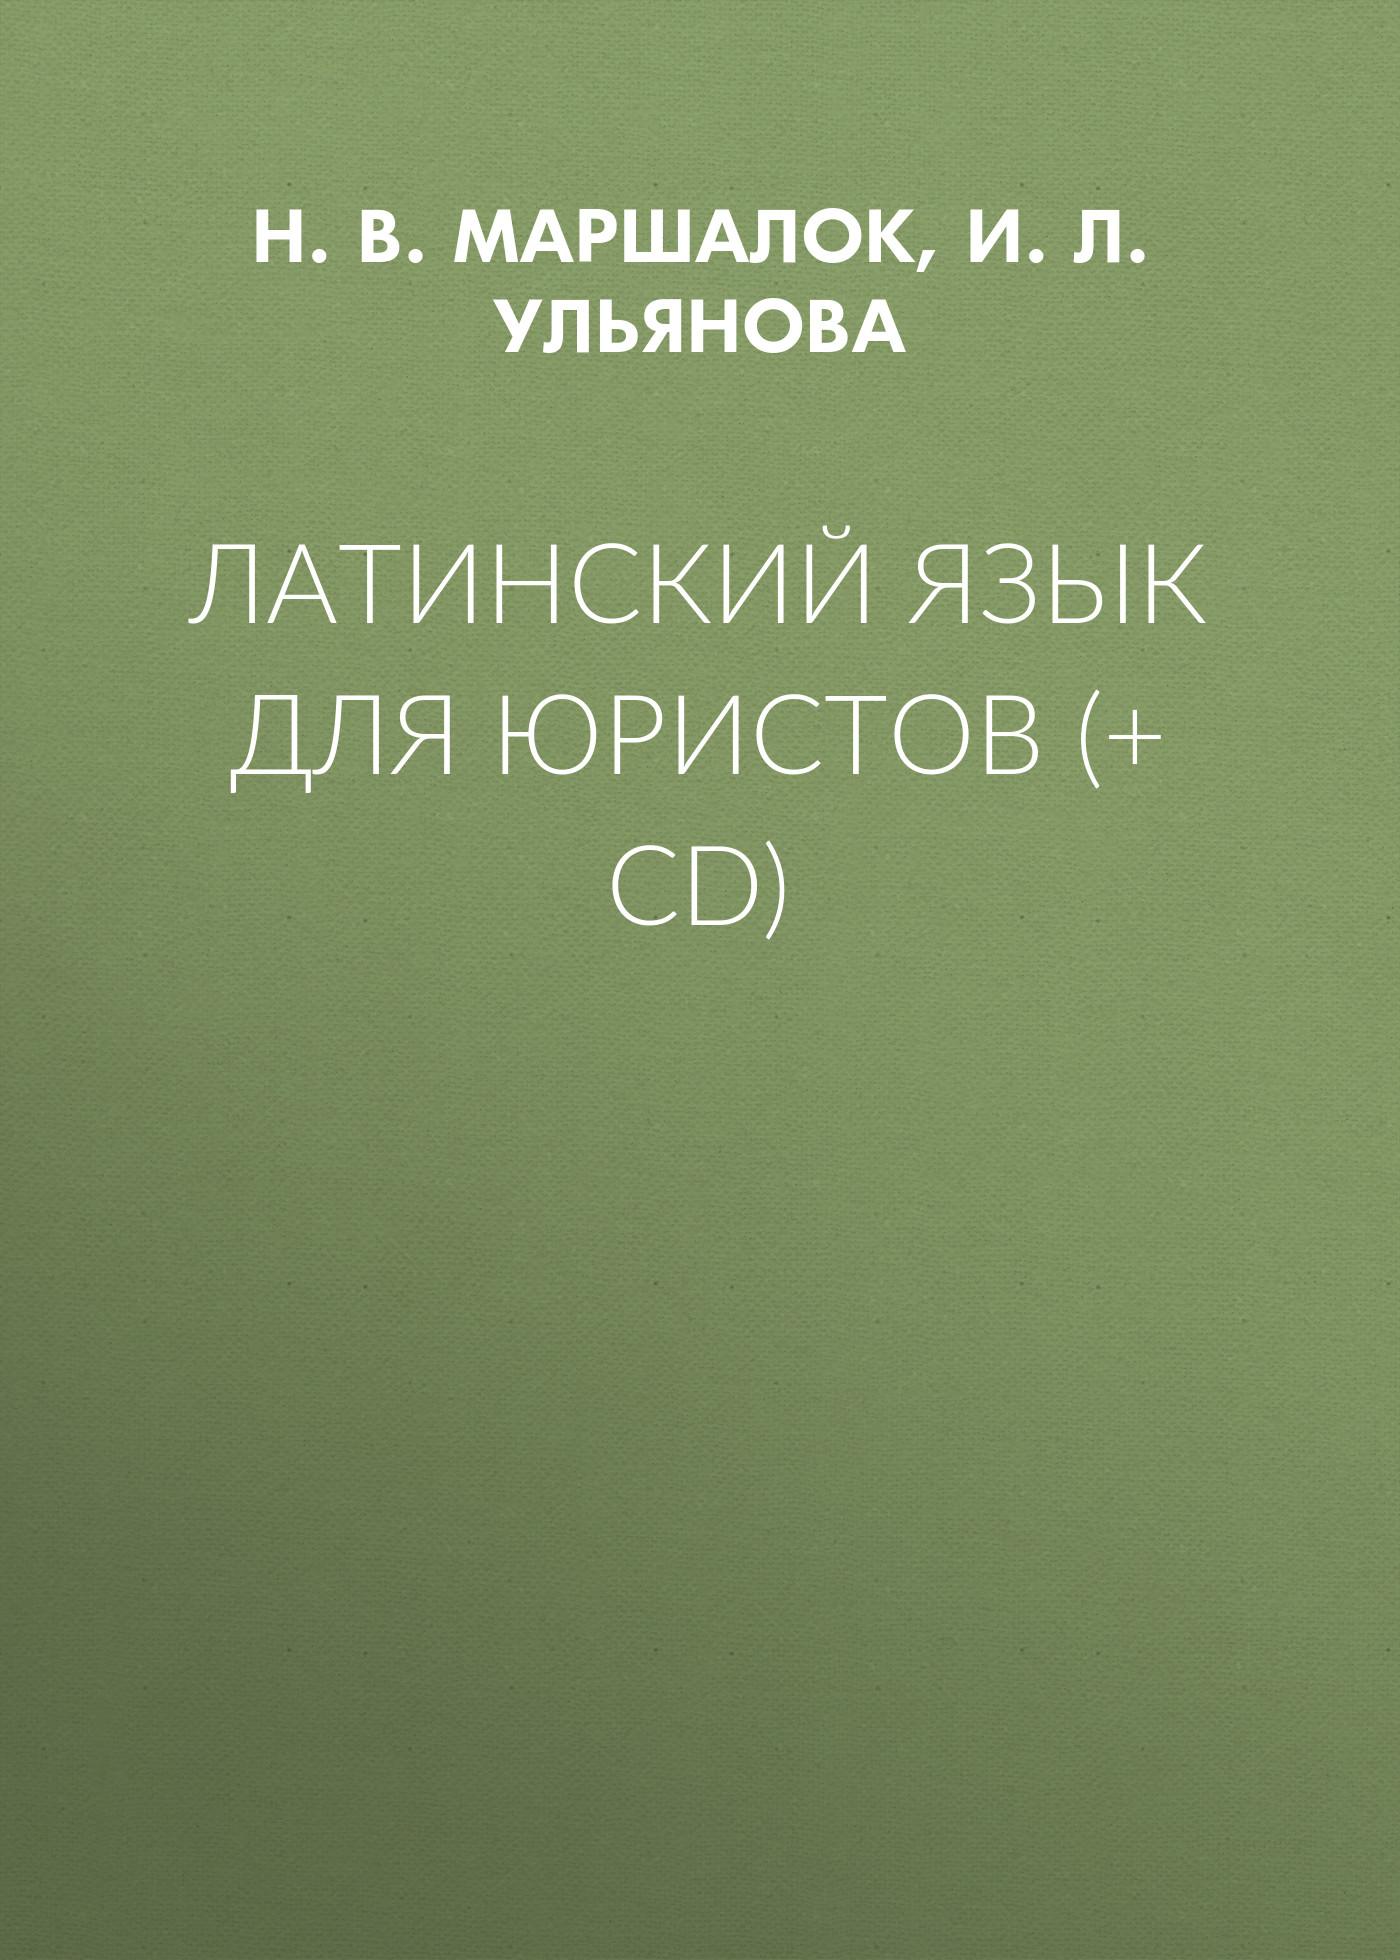 И.Л. Ульянова Латинский язык для юристов (+ CD) латинский язык учебник для студентов педагогических вузов